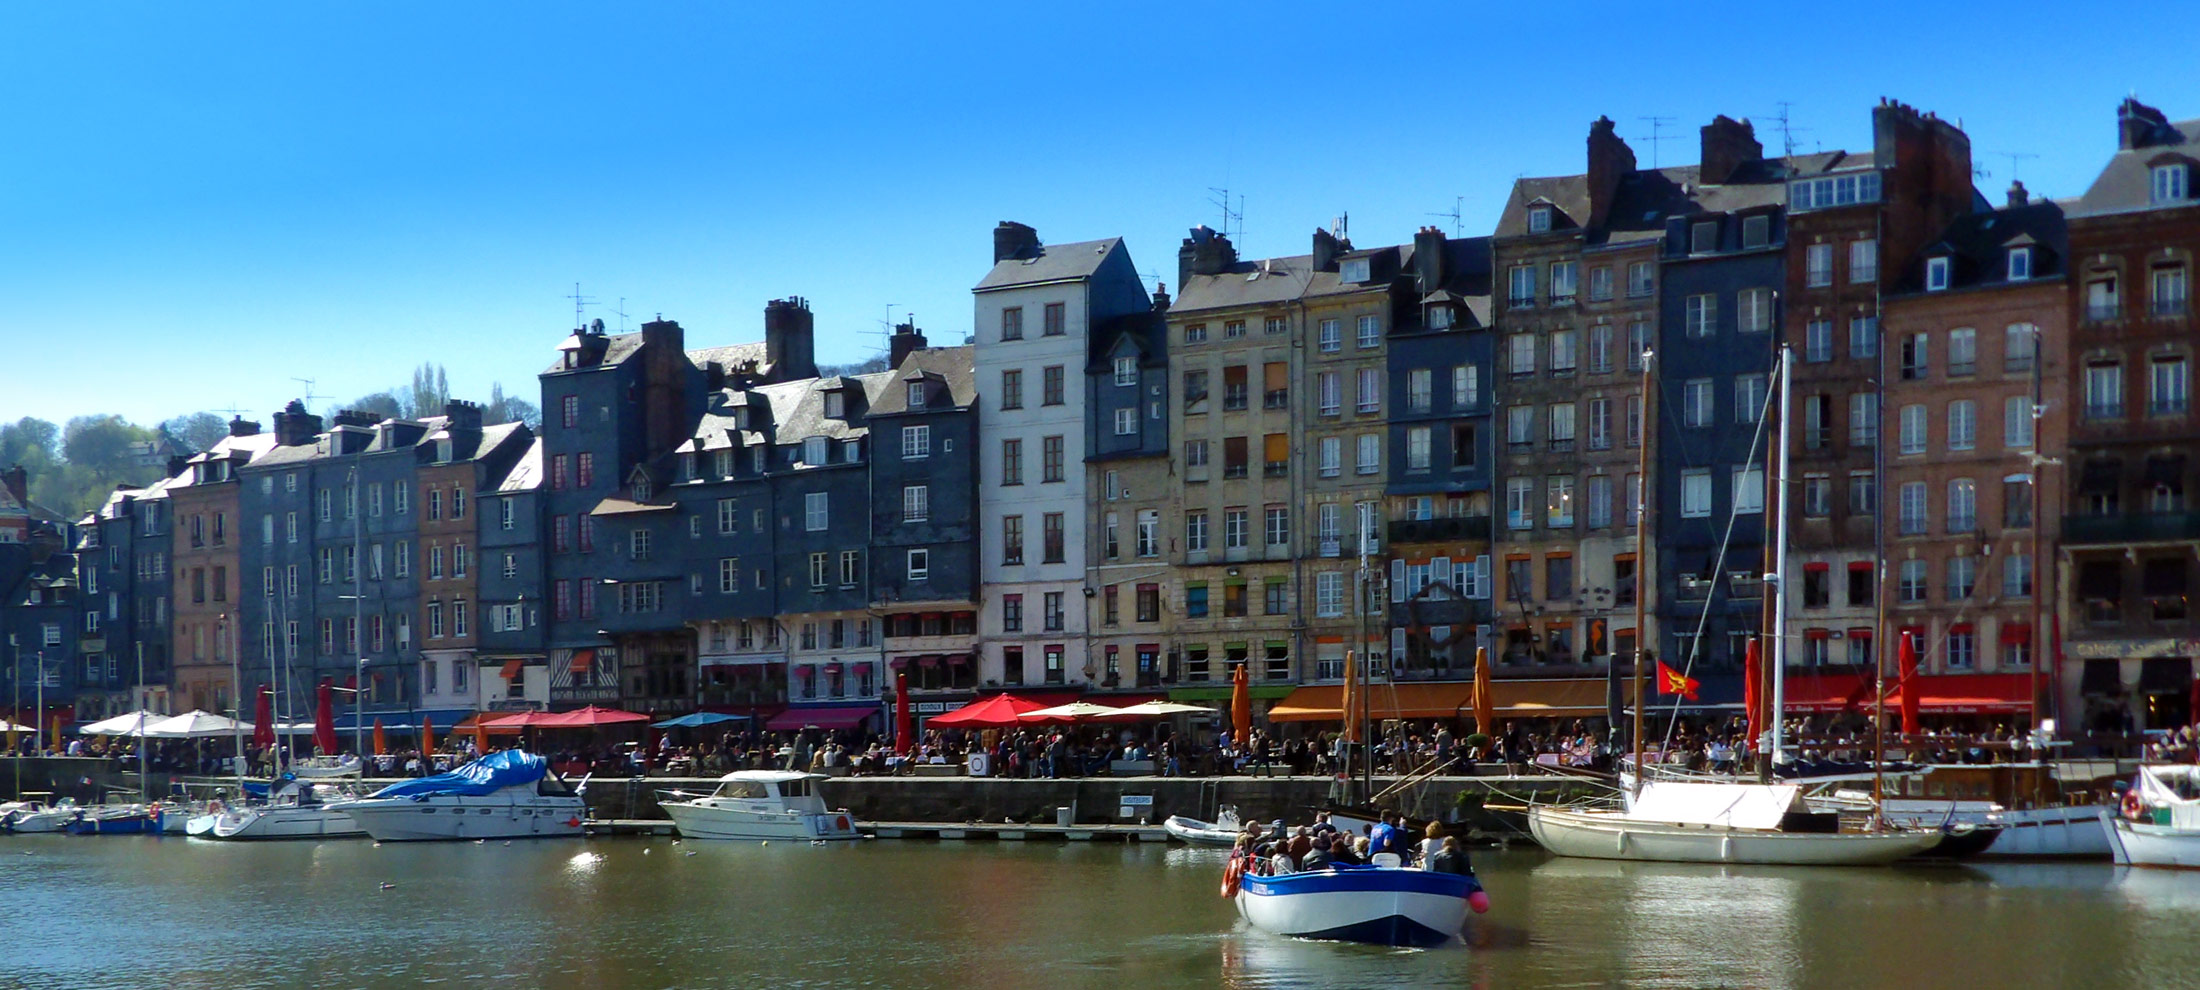 Promenades en bateau honfleur en mer ou dans le port - Promenade bateau marseille vieux port ...